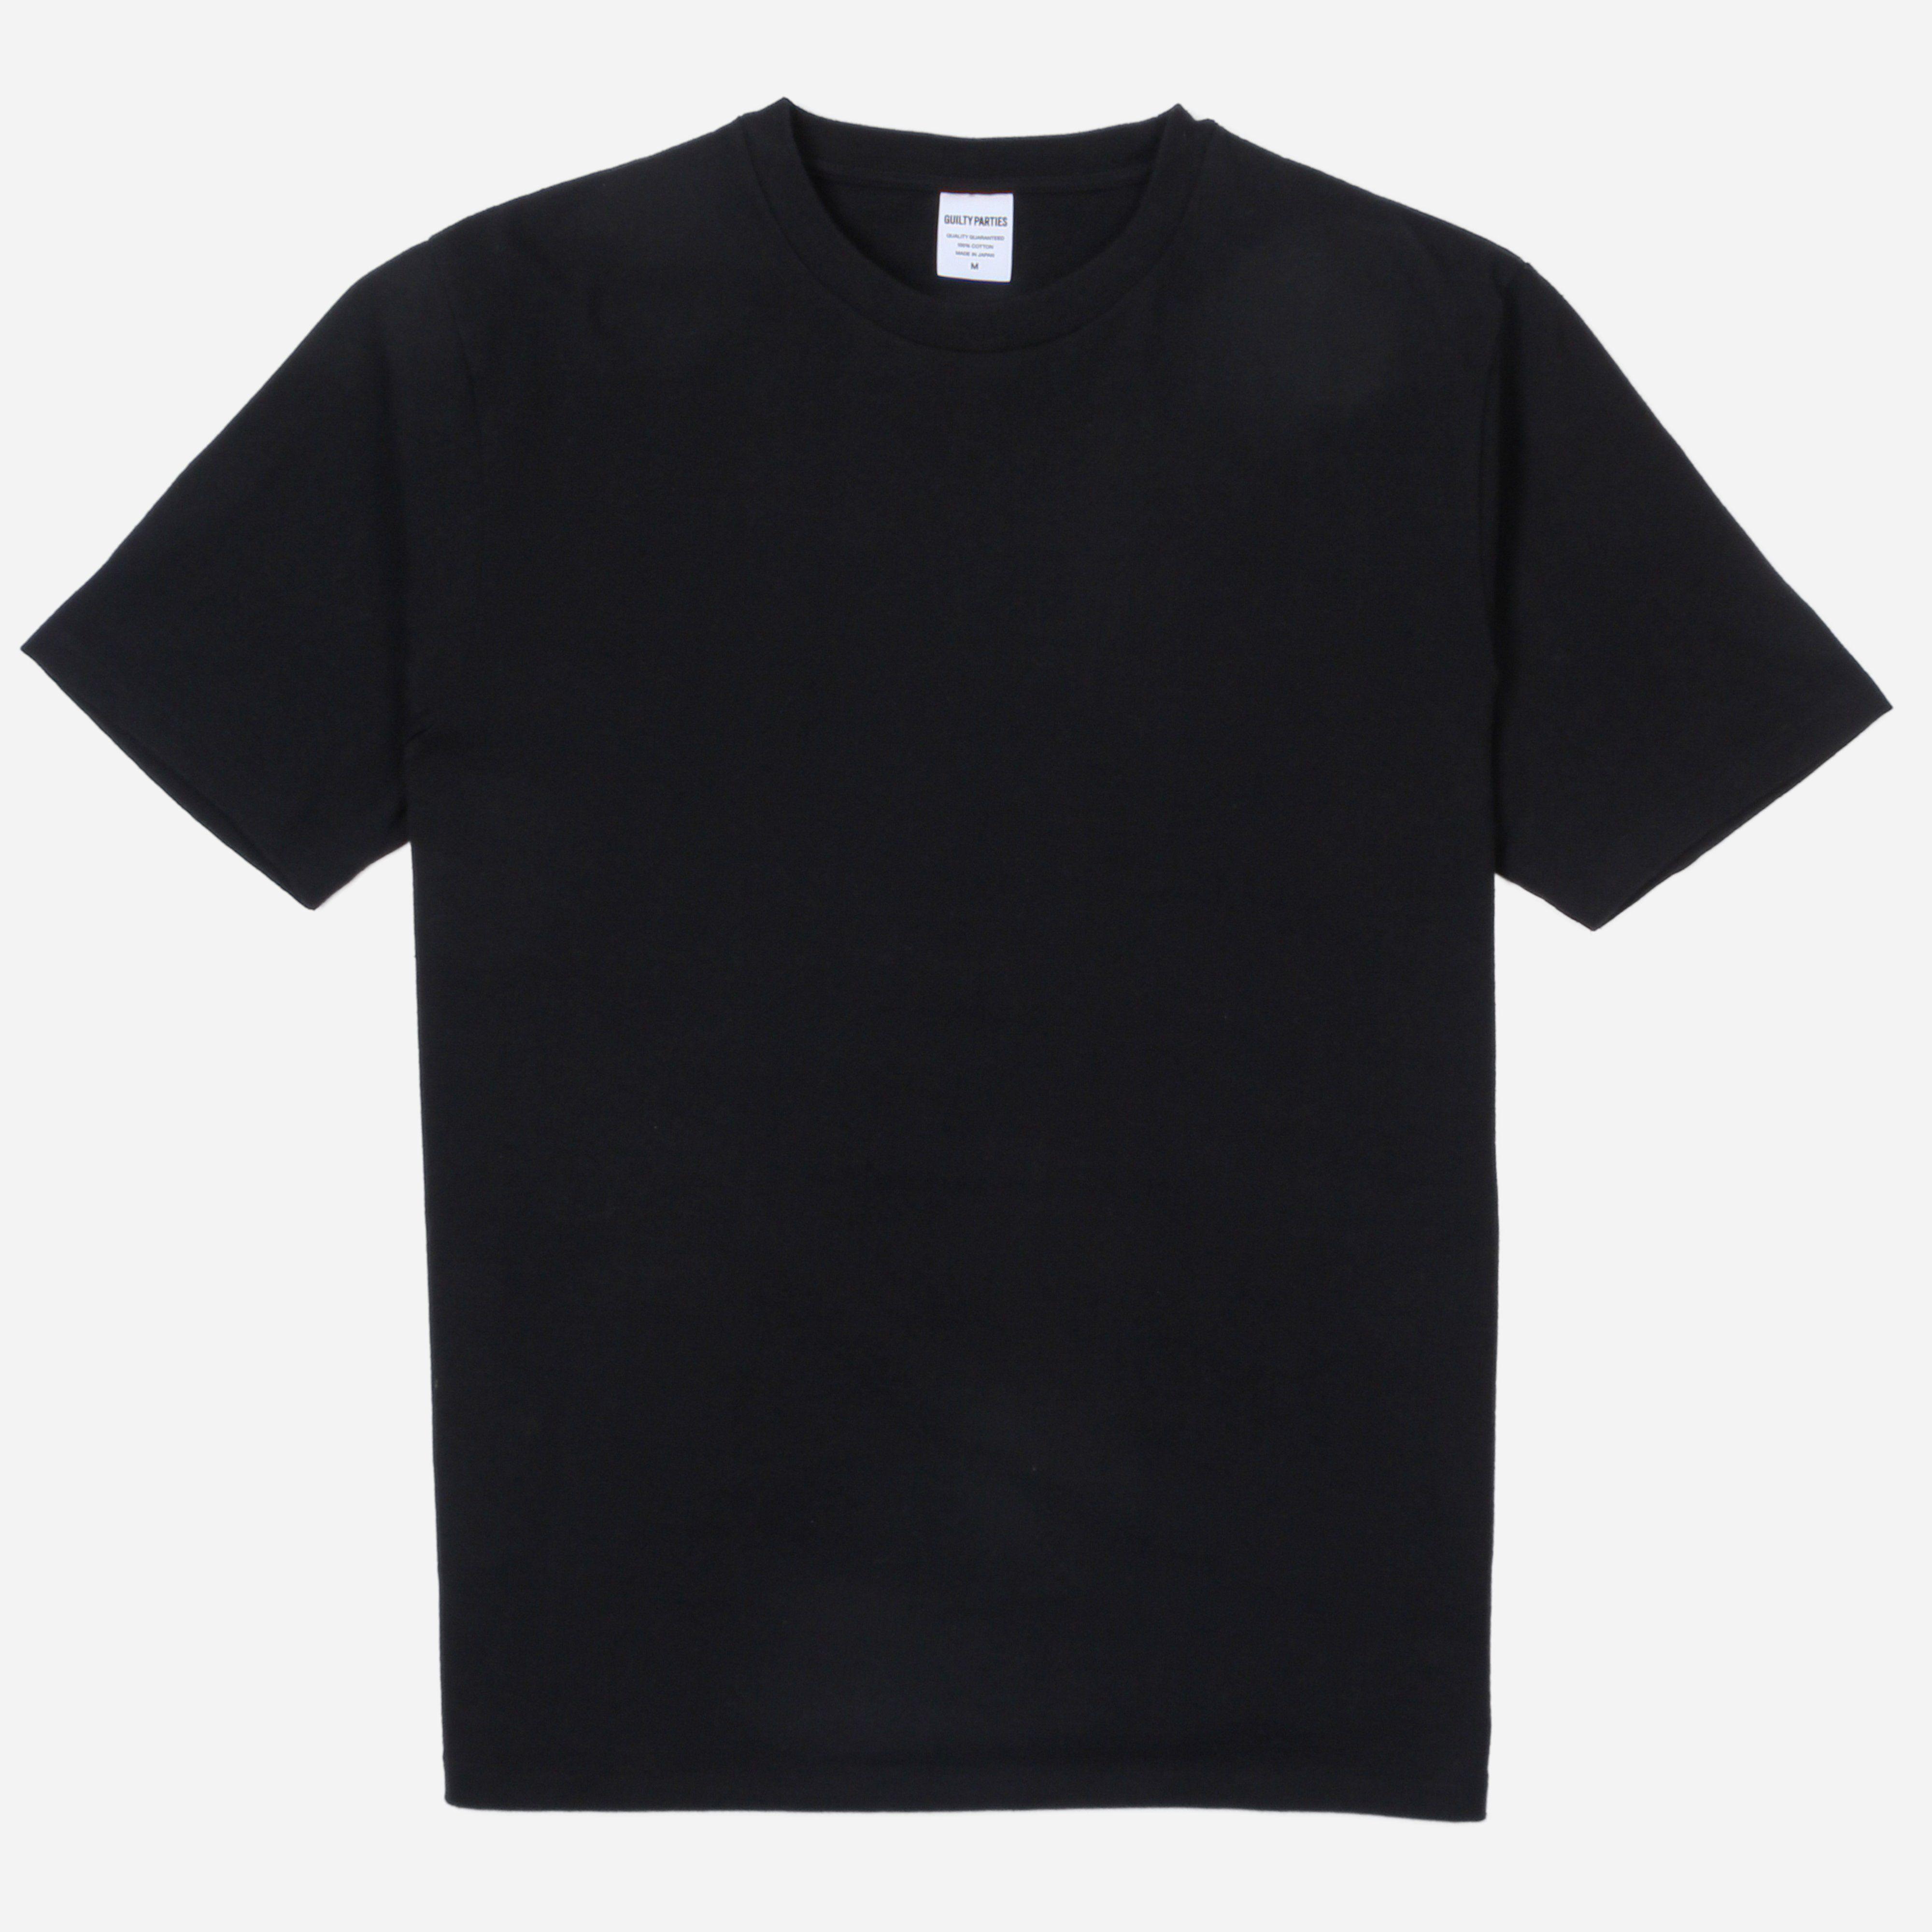 Wacko Maria Heavy Crew T-Shirt